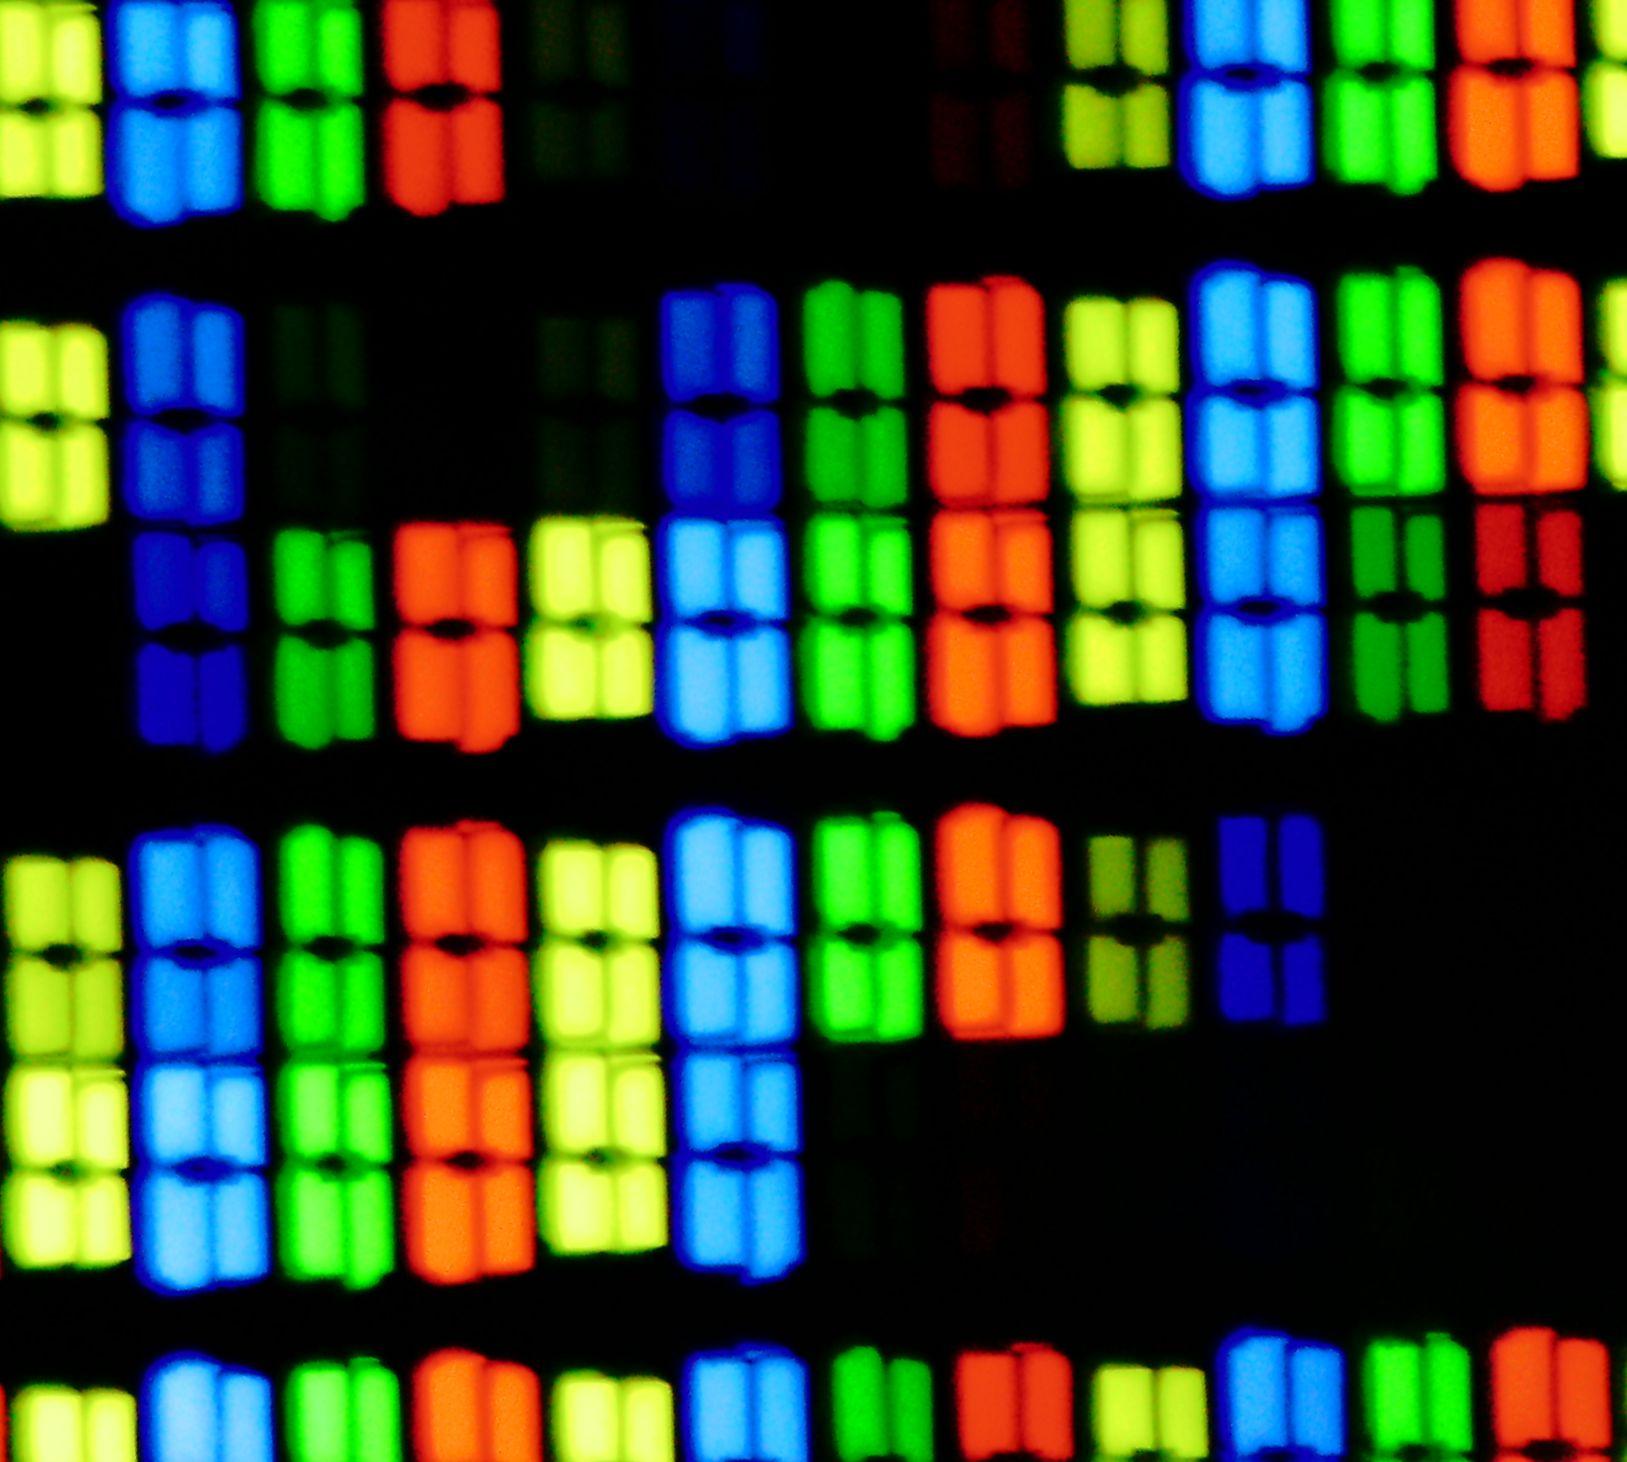 80型「Beyond 4K」表示対応の画素写真。黄サブピクセルがあることから分かるようにクアトロンパネルであることが分かる